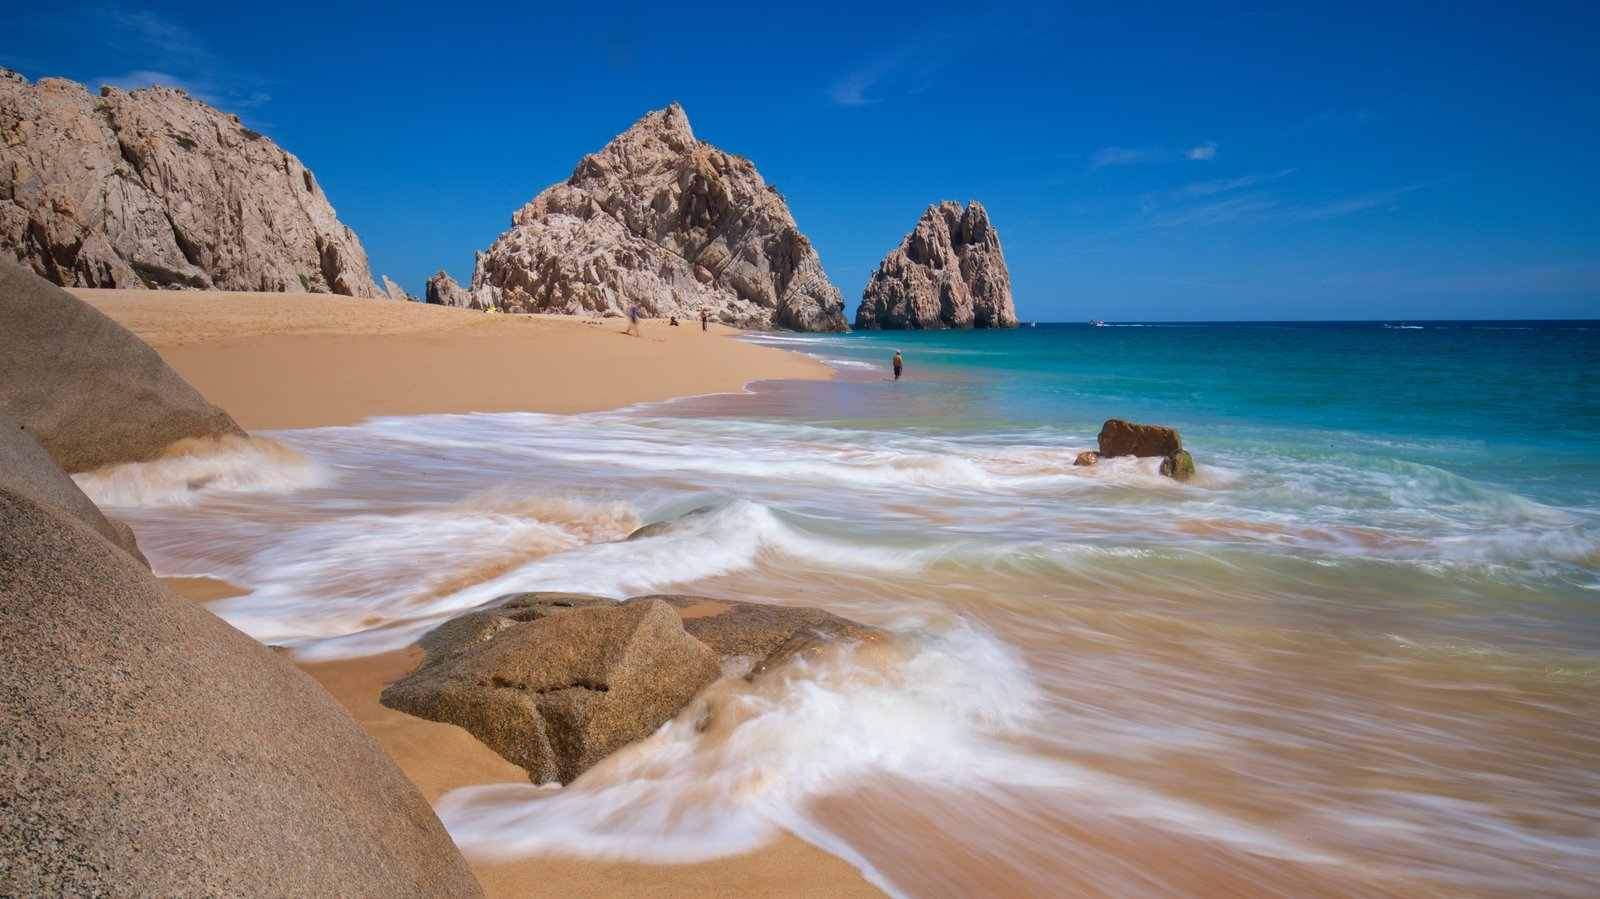 Playa Divorce que incluye una playa, costa rocosa y vistas generales de la costa